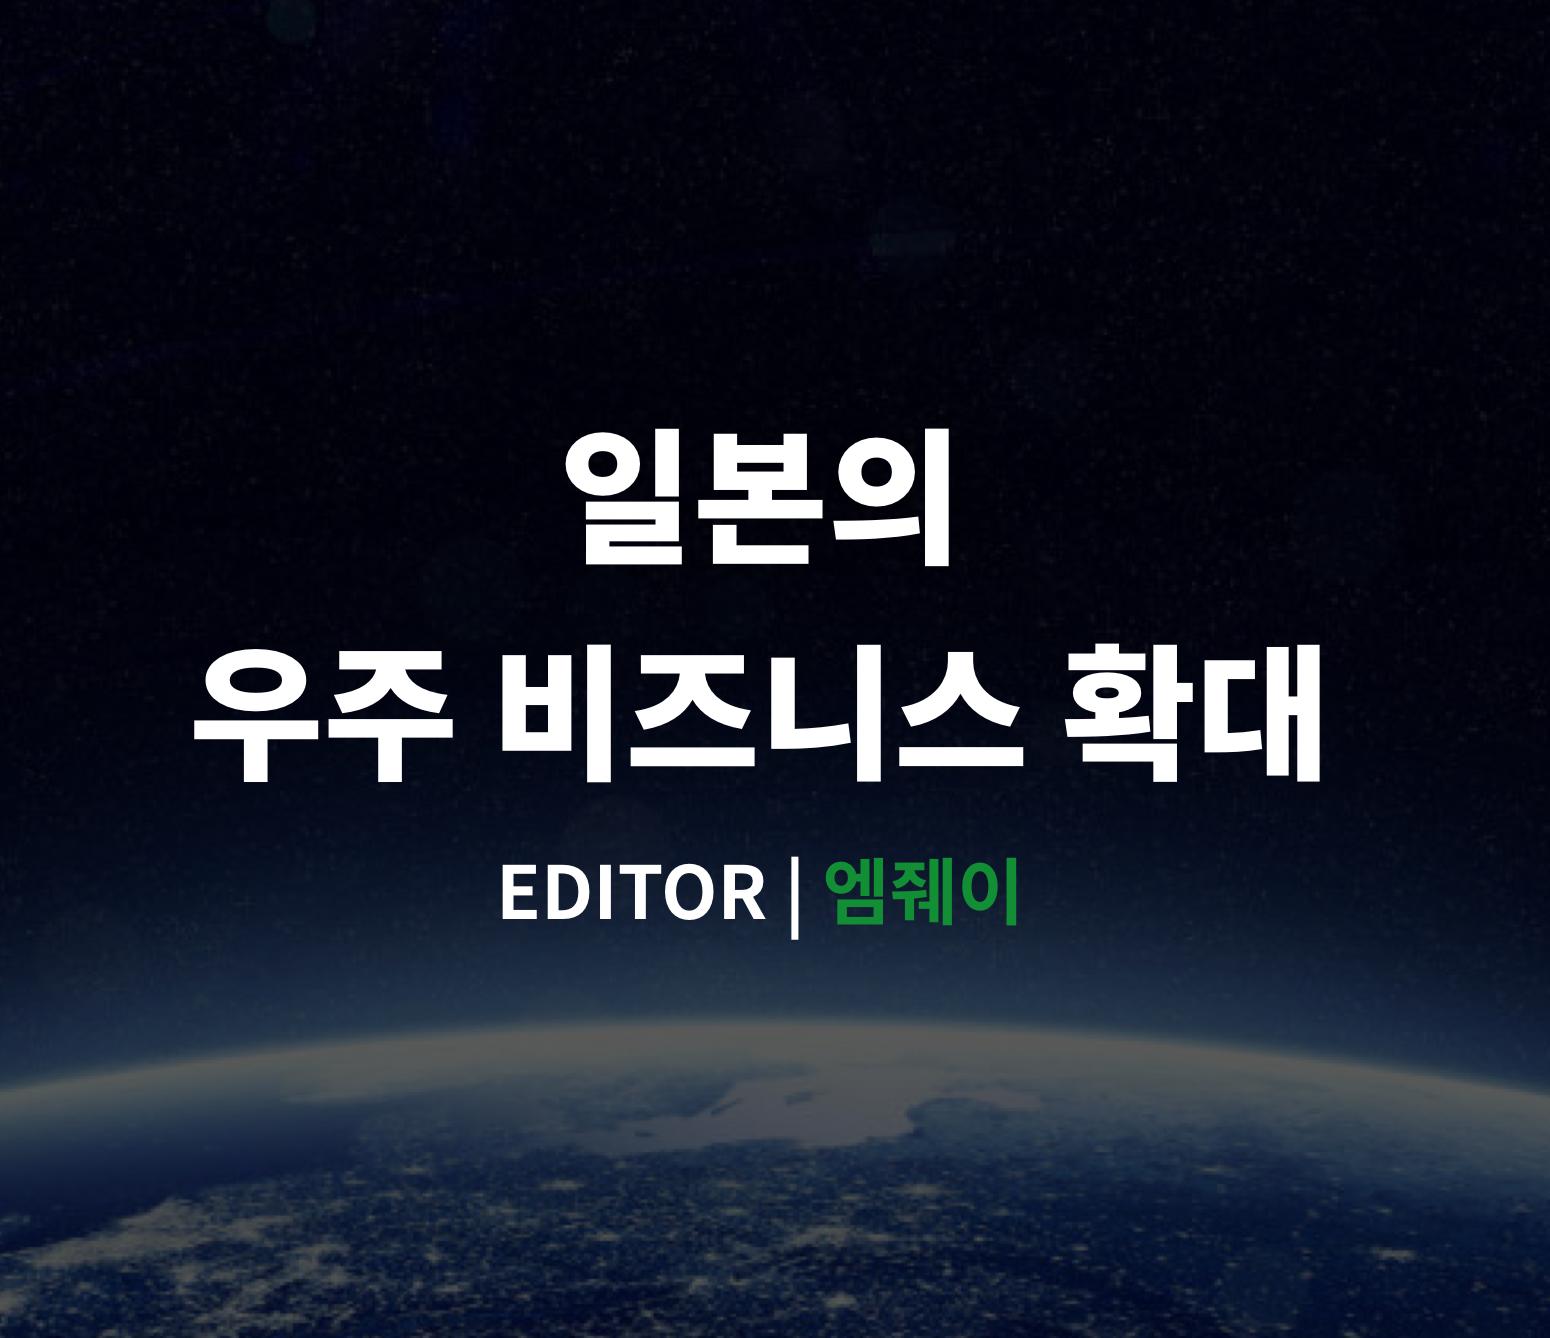 [엠줴이] 일본의 우주 비즈니스 확대 - 2018. 8. 2...